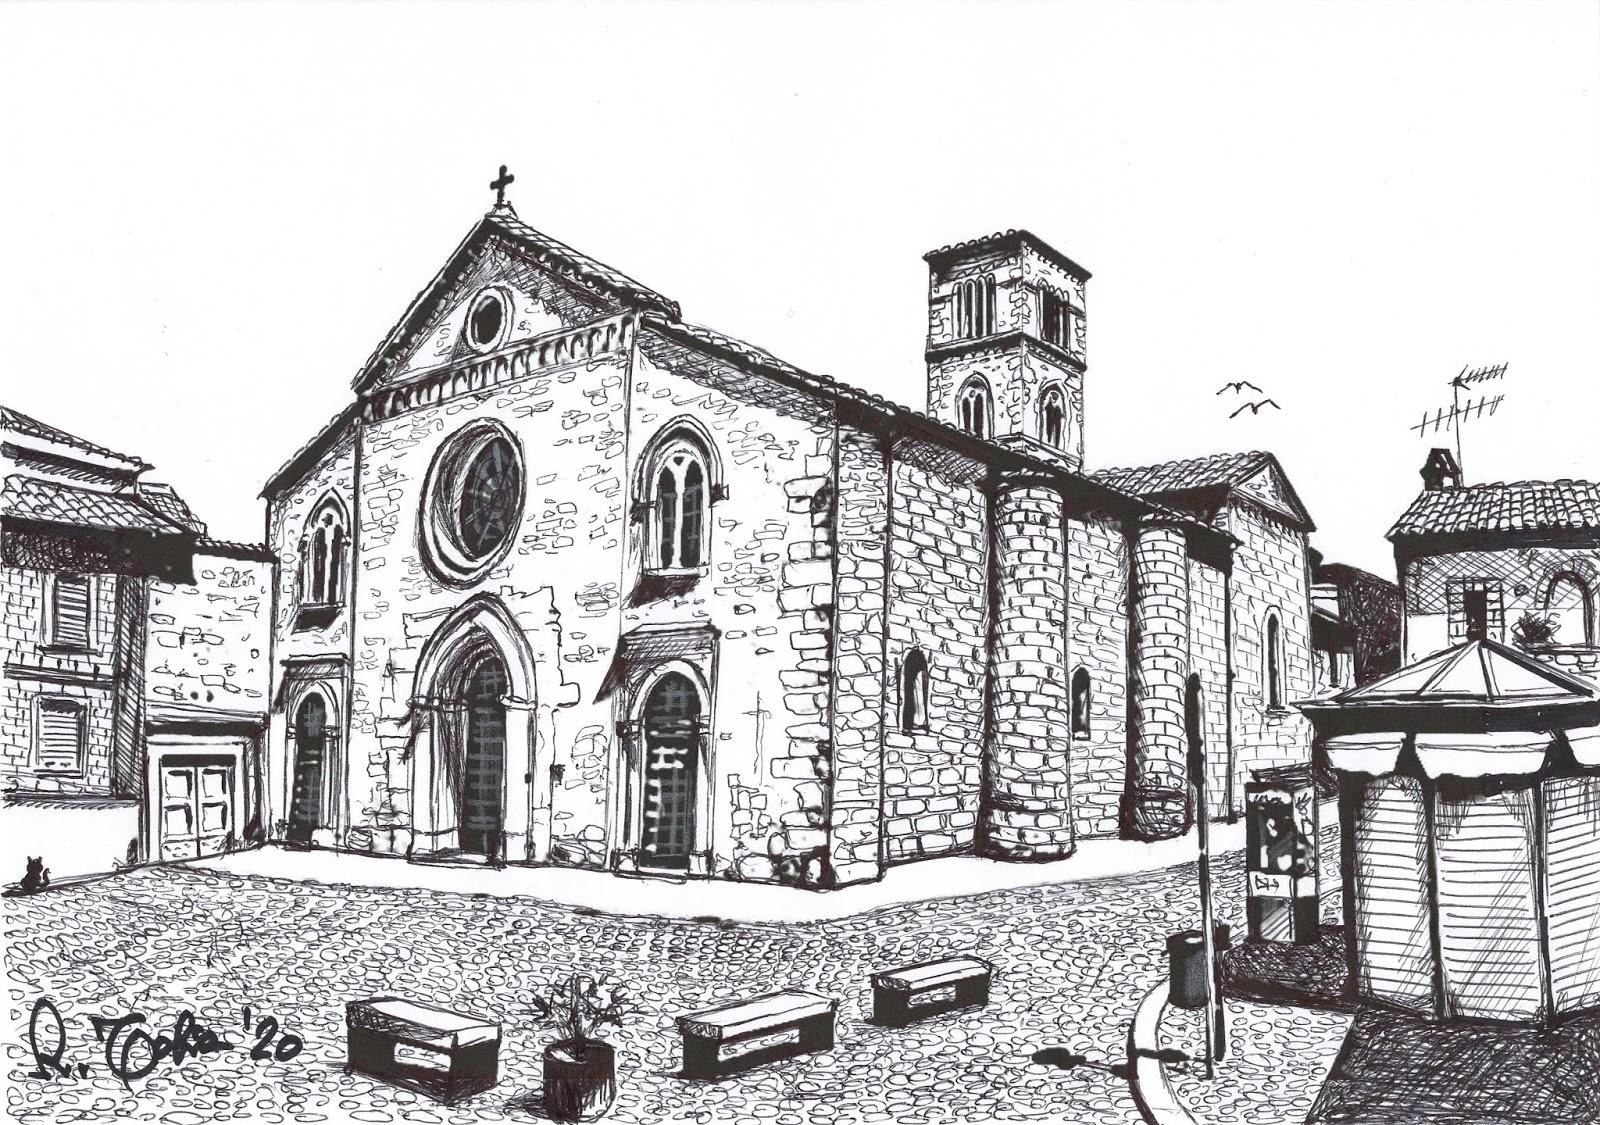 Riccardo Tobia: Grafica : Terni San Francesco - 2020